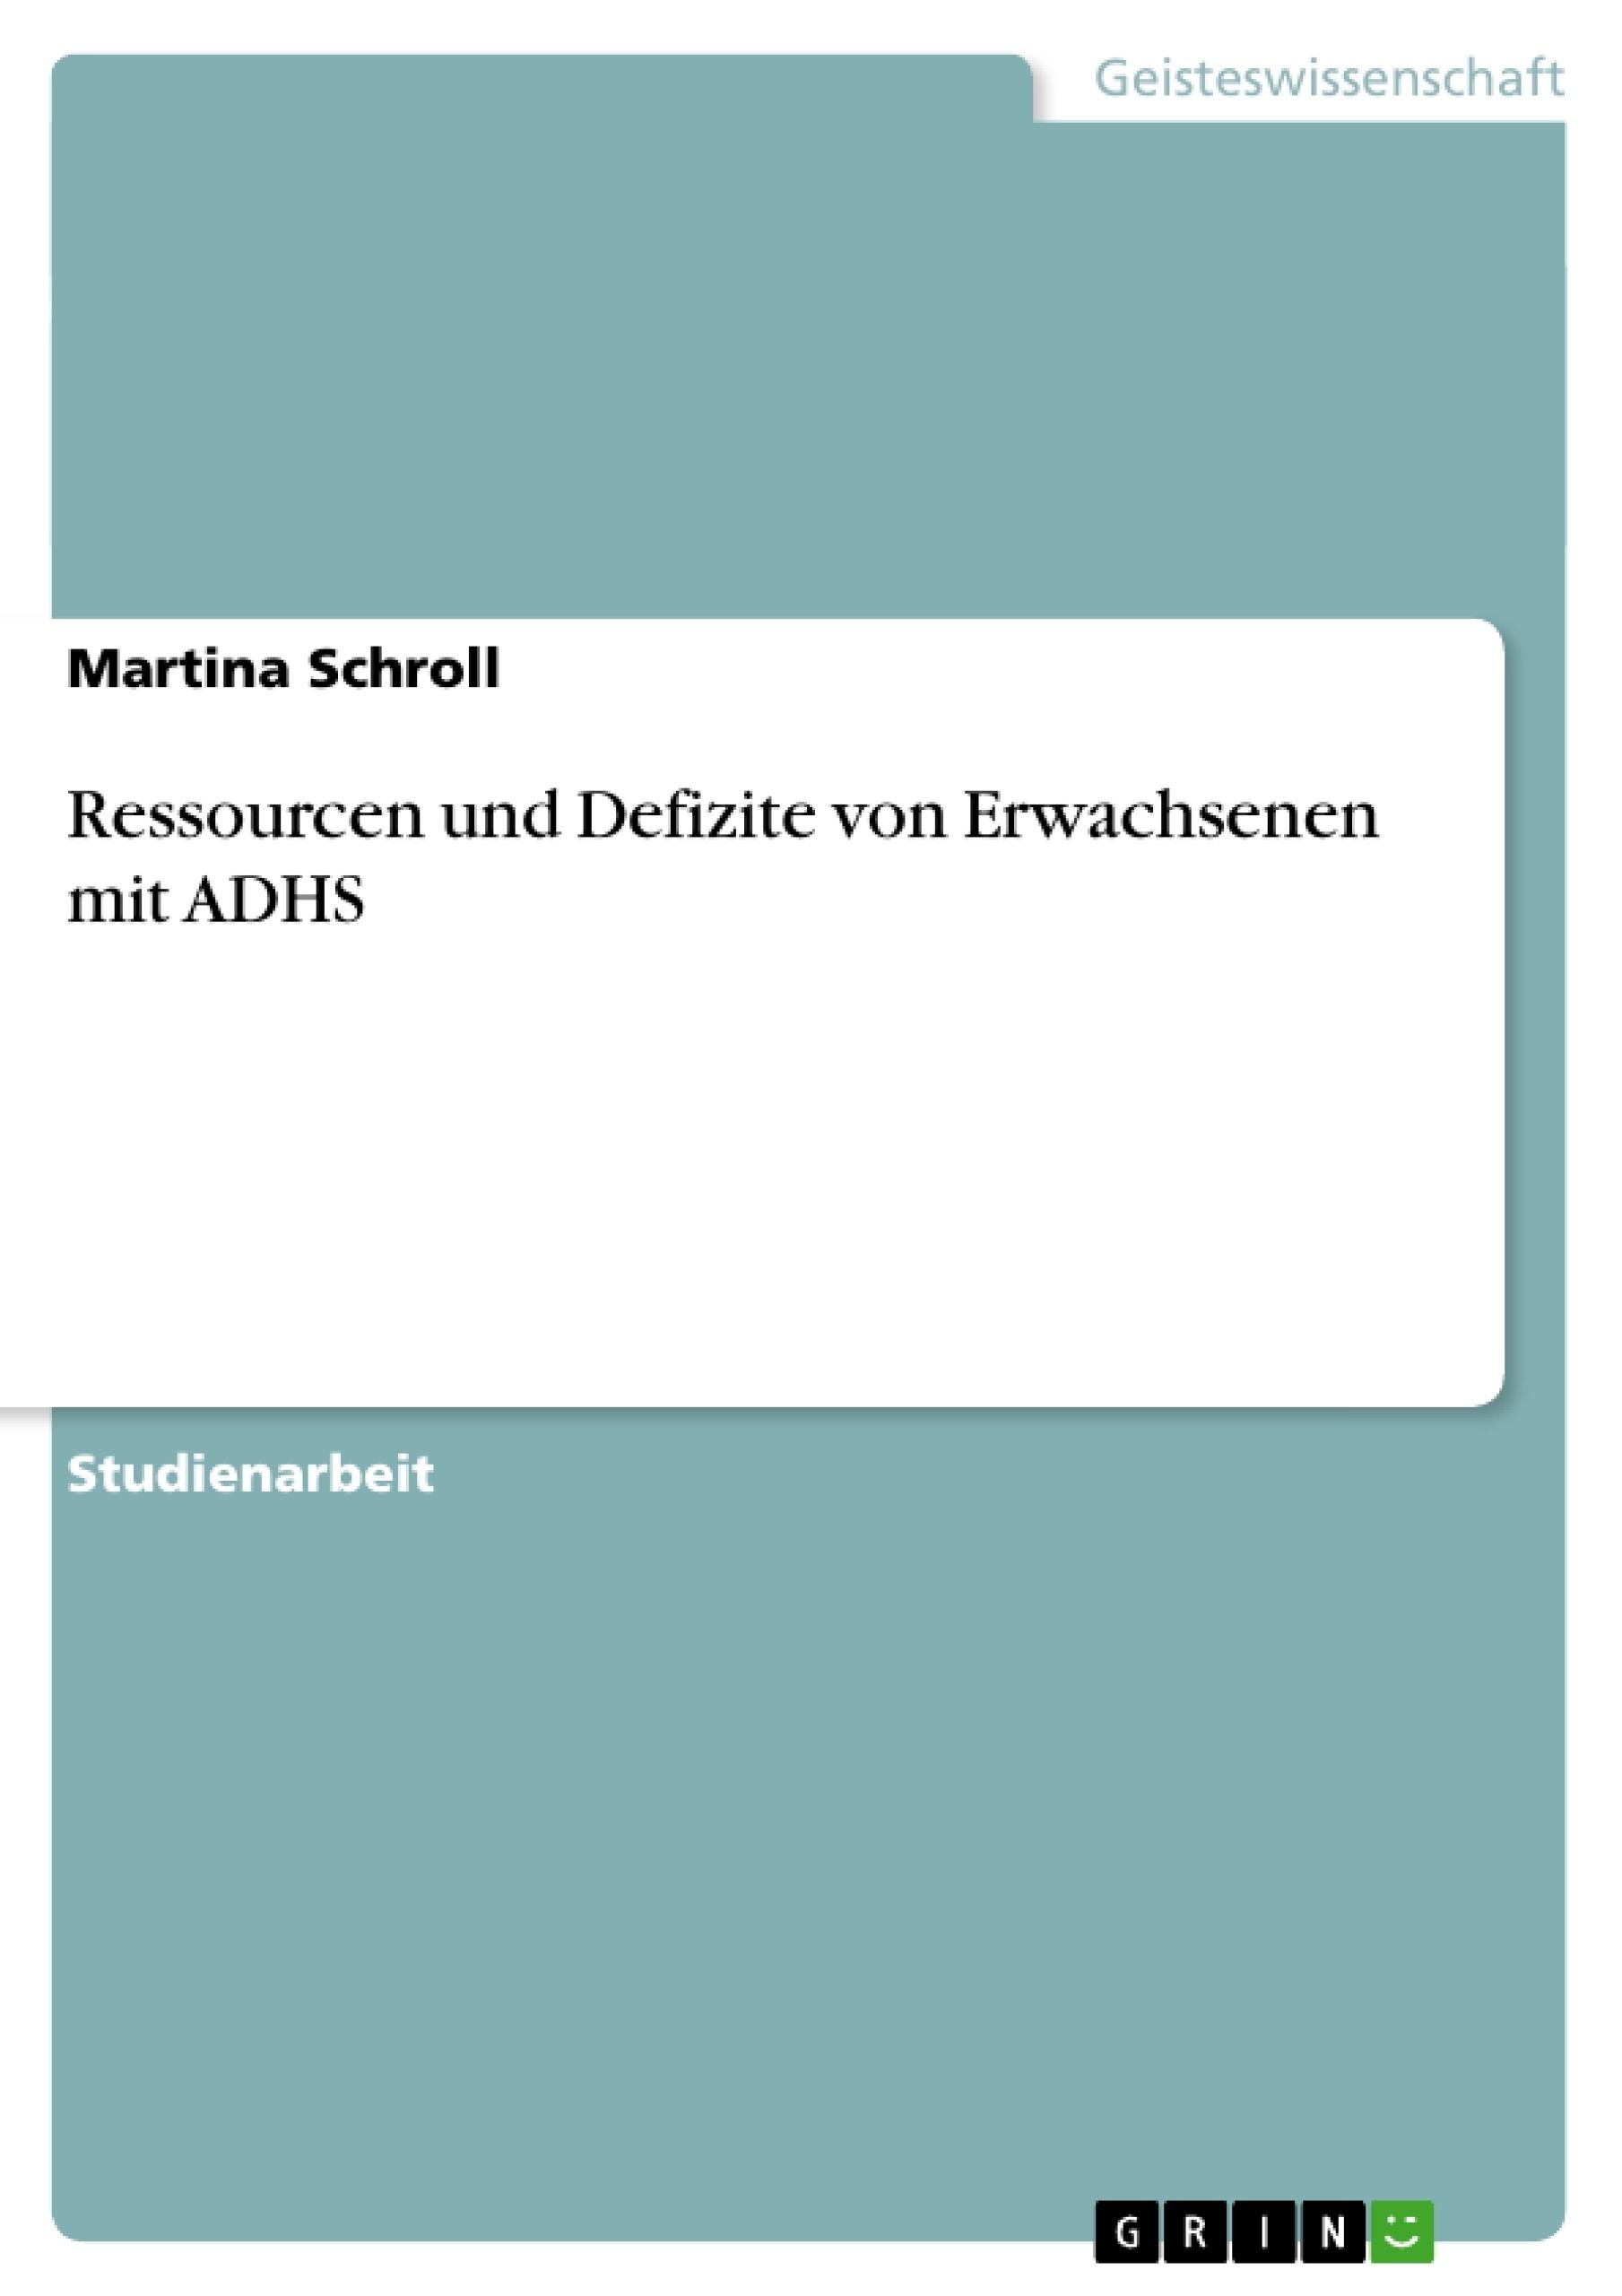 Titel: Ressourcen und Defizite von Erwachsenen mit ADHS